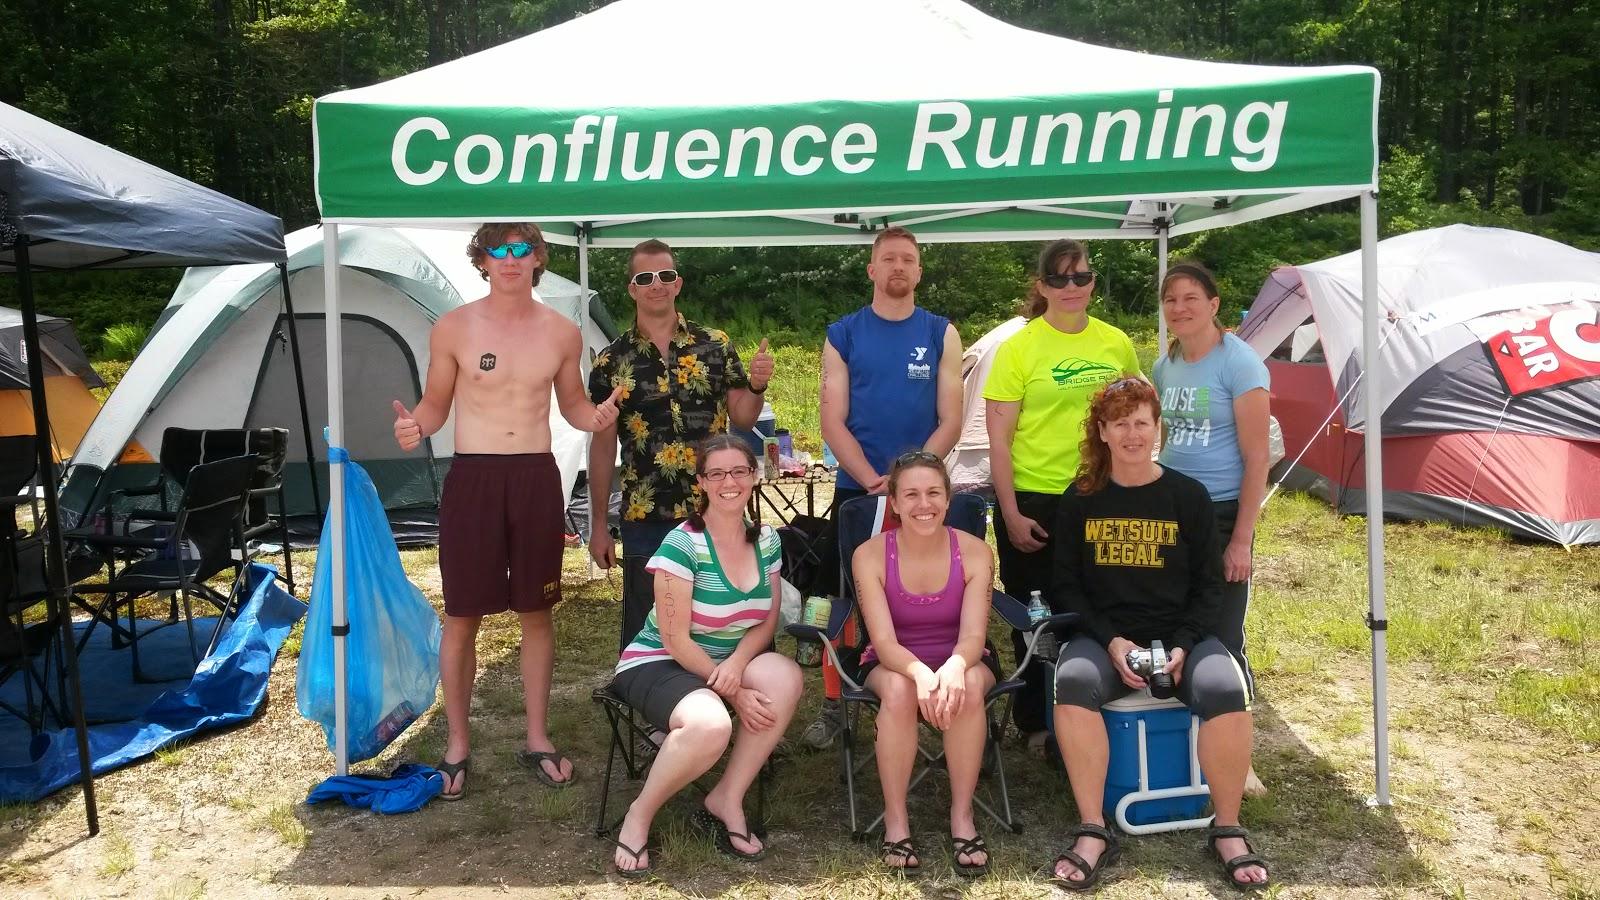 Confluence Running, Binghamton, Ragnar Trail, Ragnar, relay, race, running